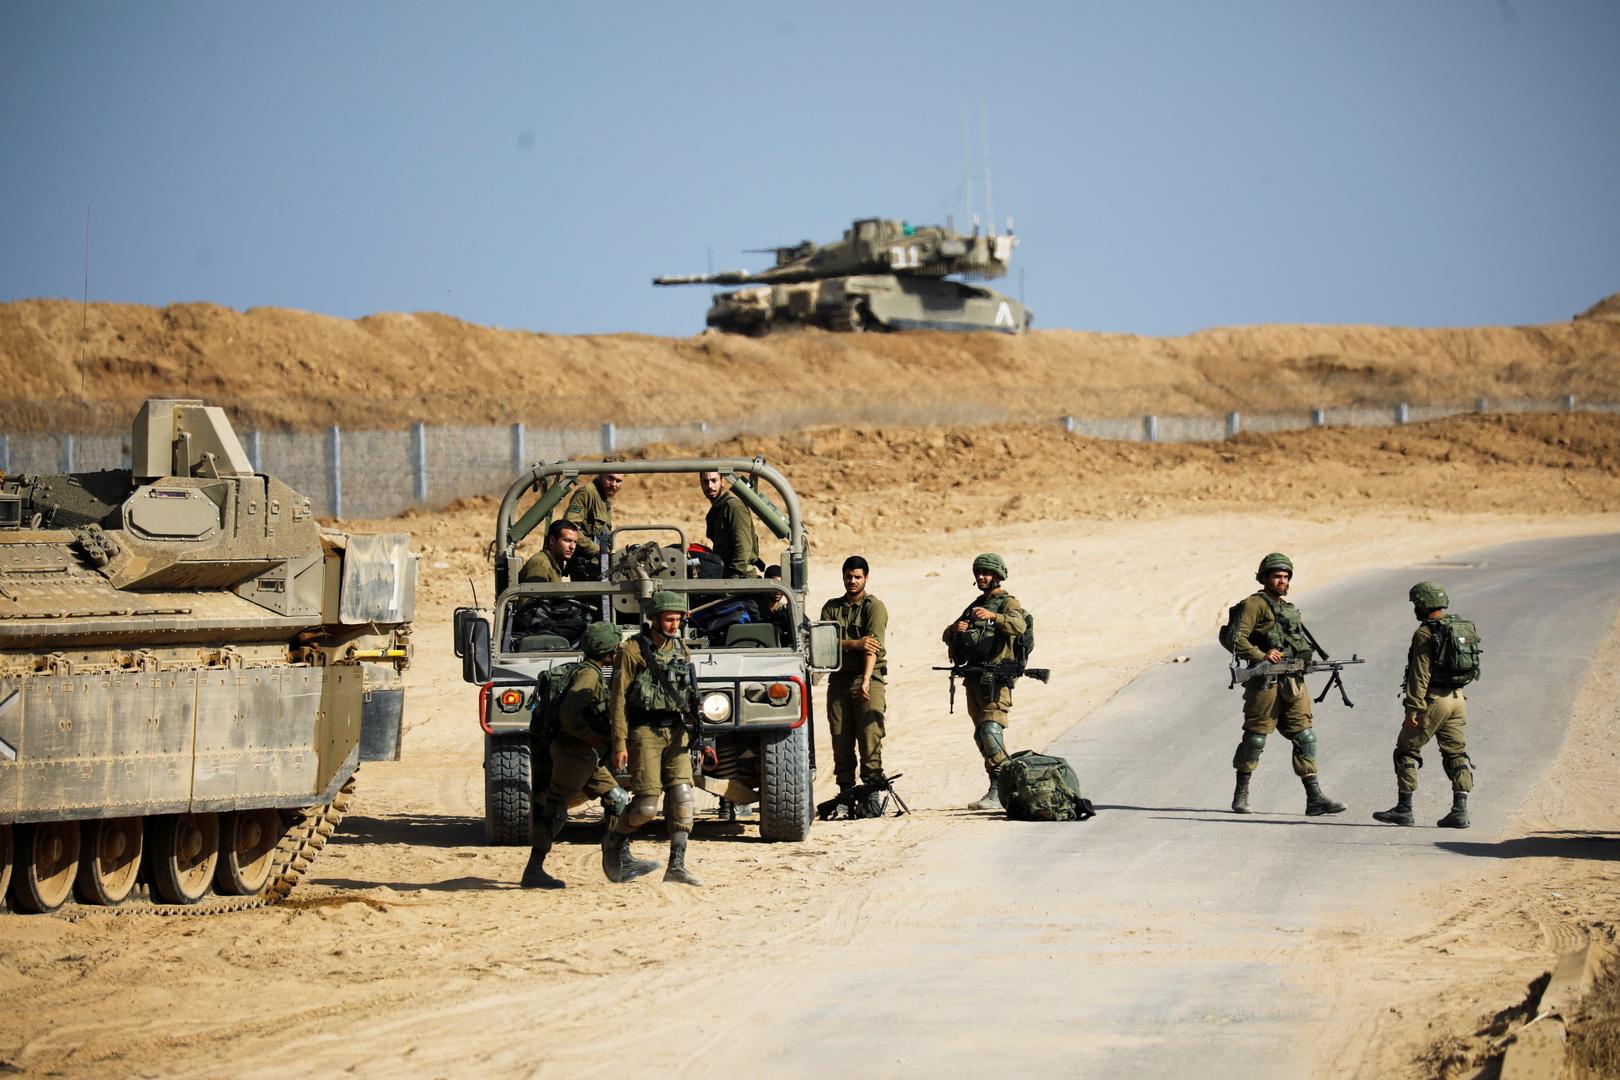 وسط تصعيد التوتر حول غزة.. إسرائيل تطلق تدريبات تحاكي حربا على القطاع